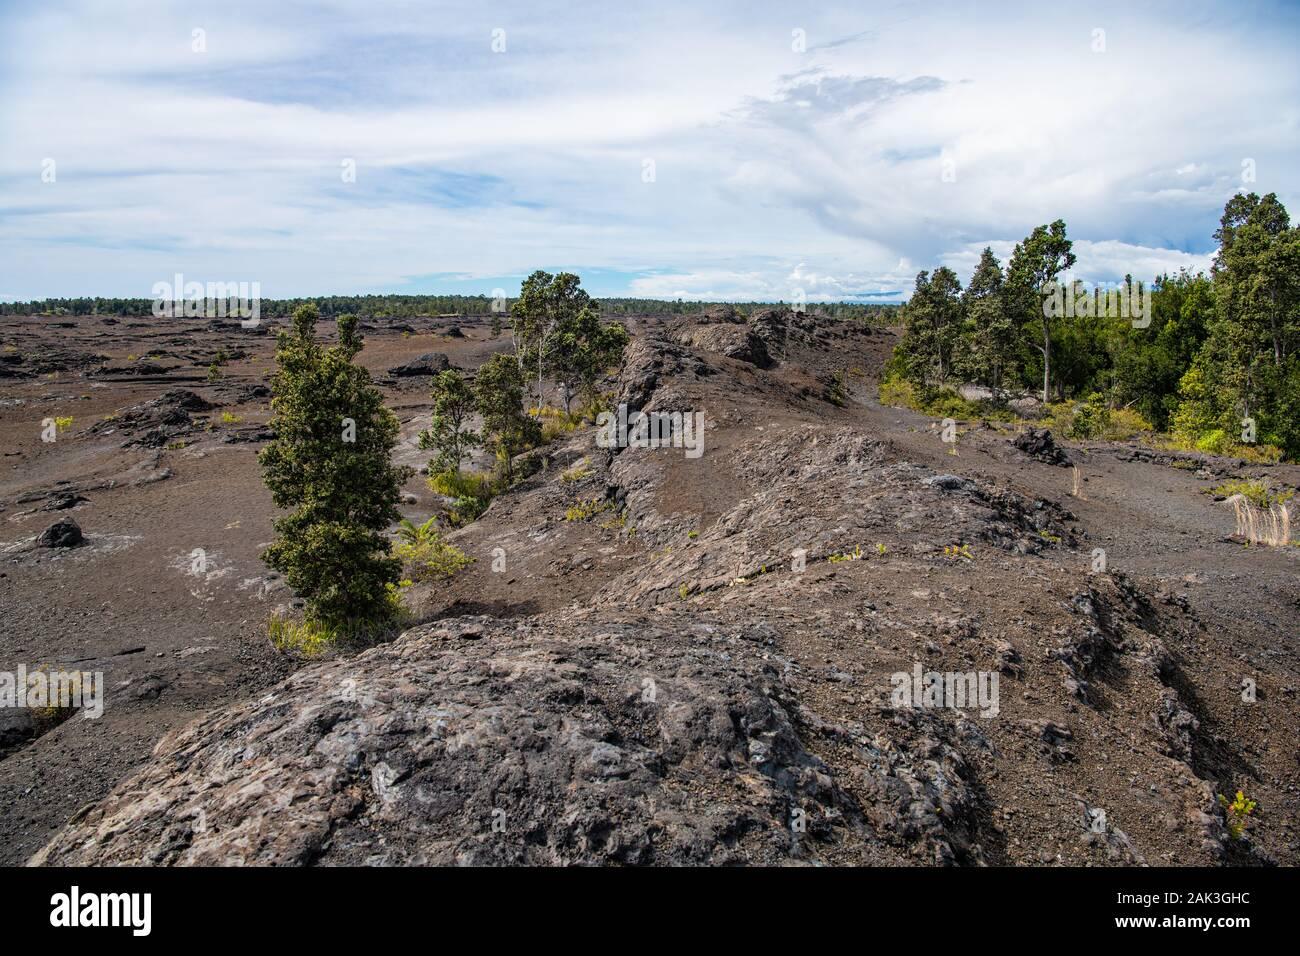 Vue paysage plus ancienne coulée Terrain avec arbres et autres vegitation début de croître et de rétablir eux-mêmes Banque D'Images